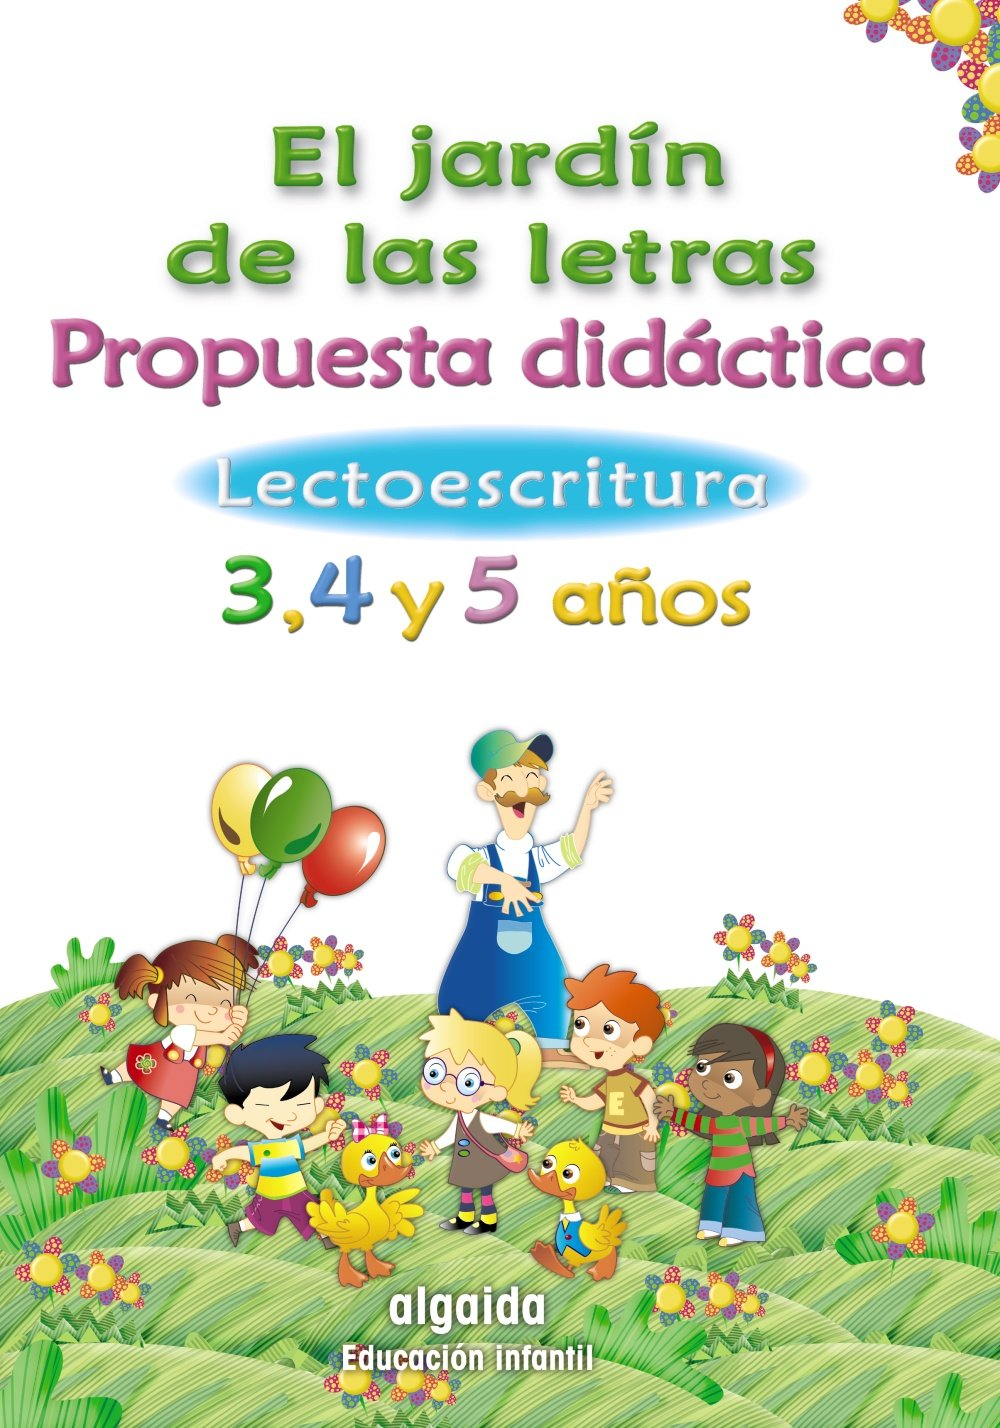 Propuesta didáctica Lectoescritura Jardín de las letras: Amazon.es: Campuzano Valiente, María Dolores: Libros